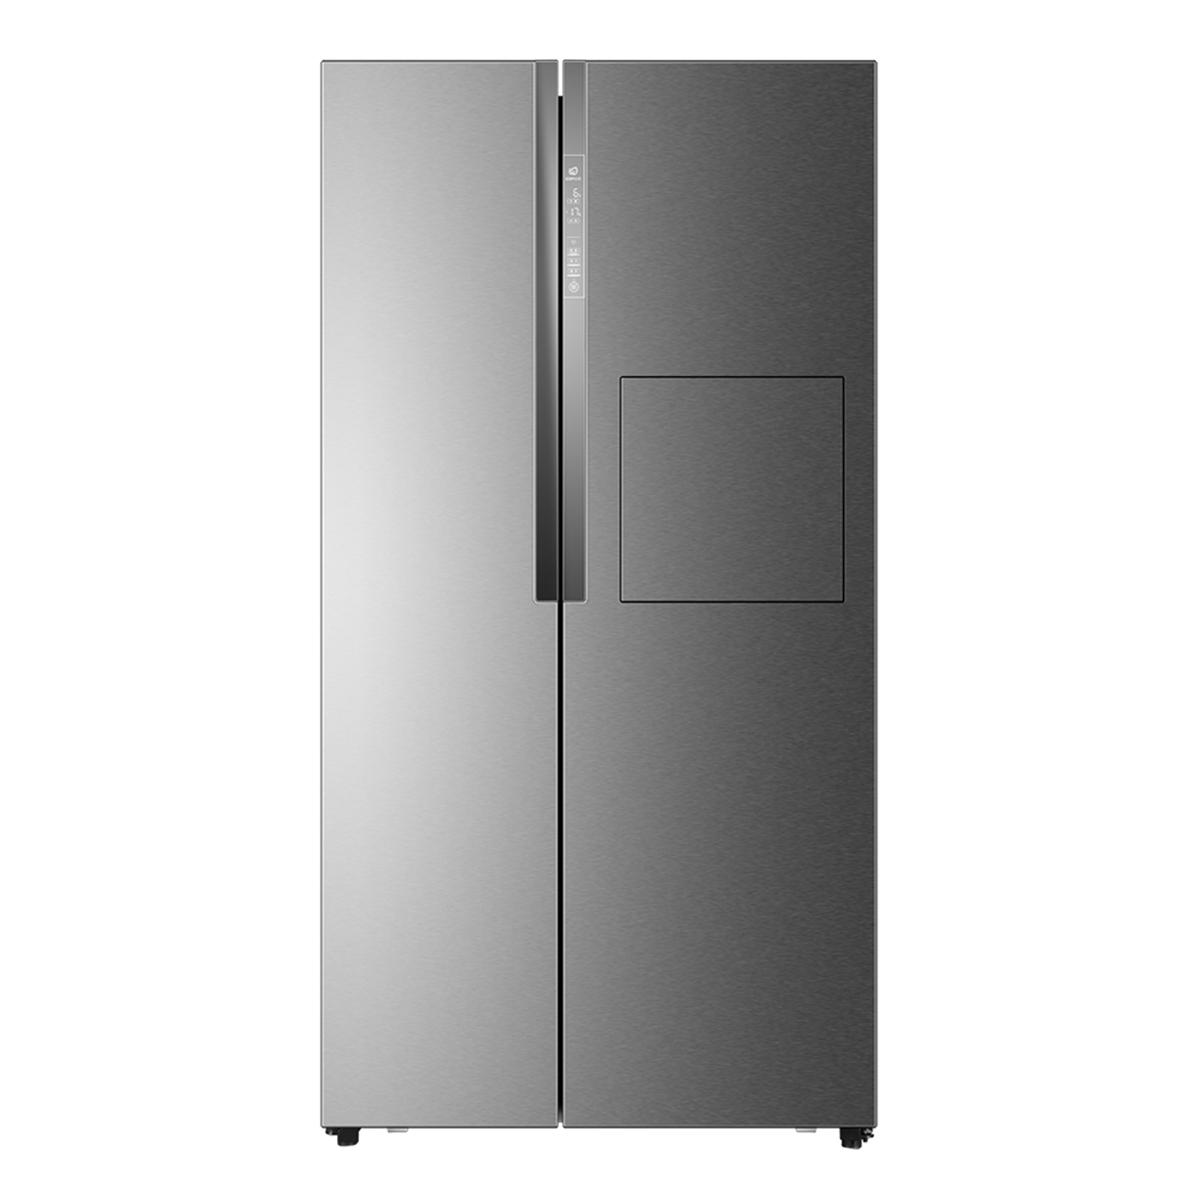 海尔Haier冰箱 BCD-581WBPN 说明书